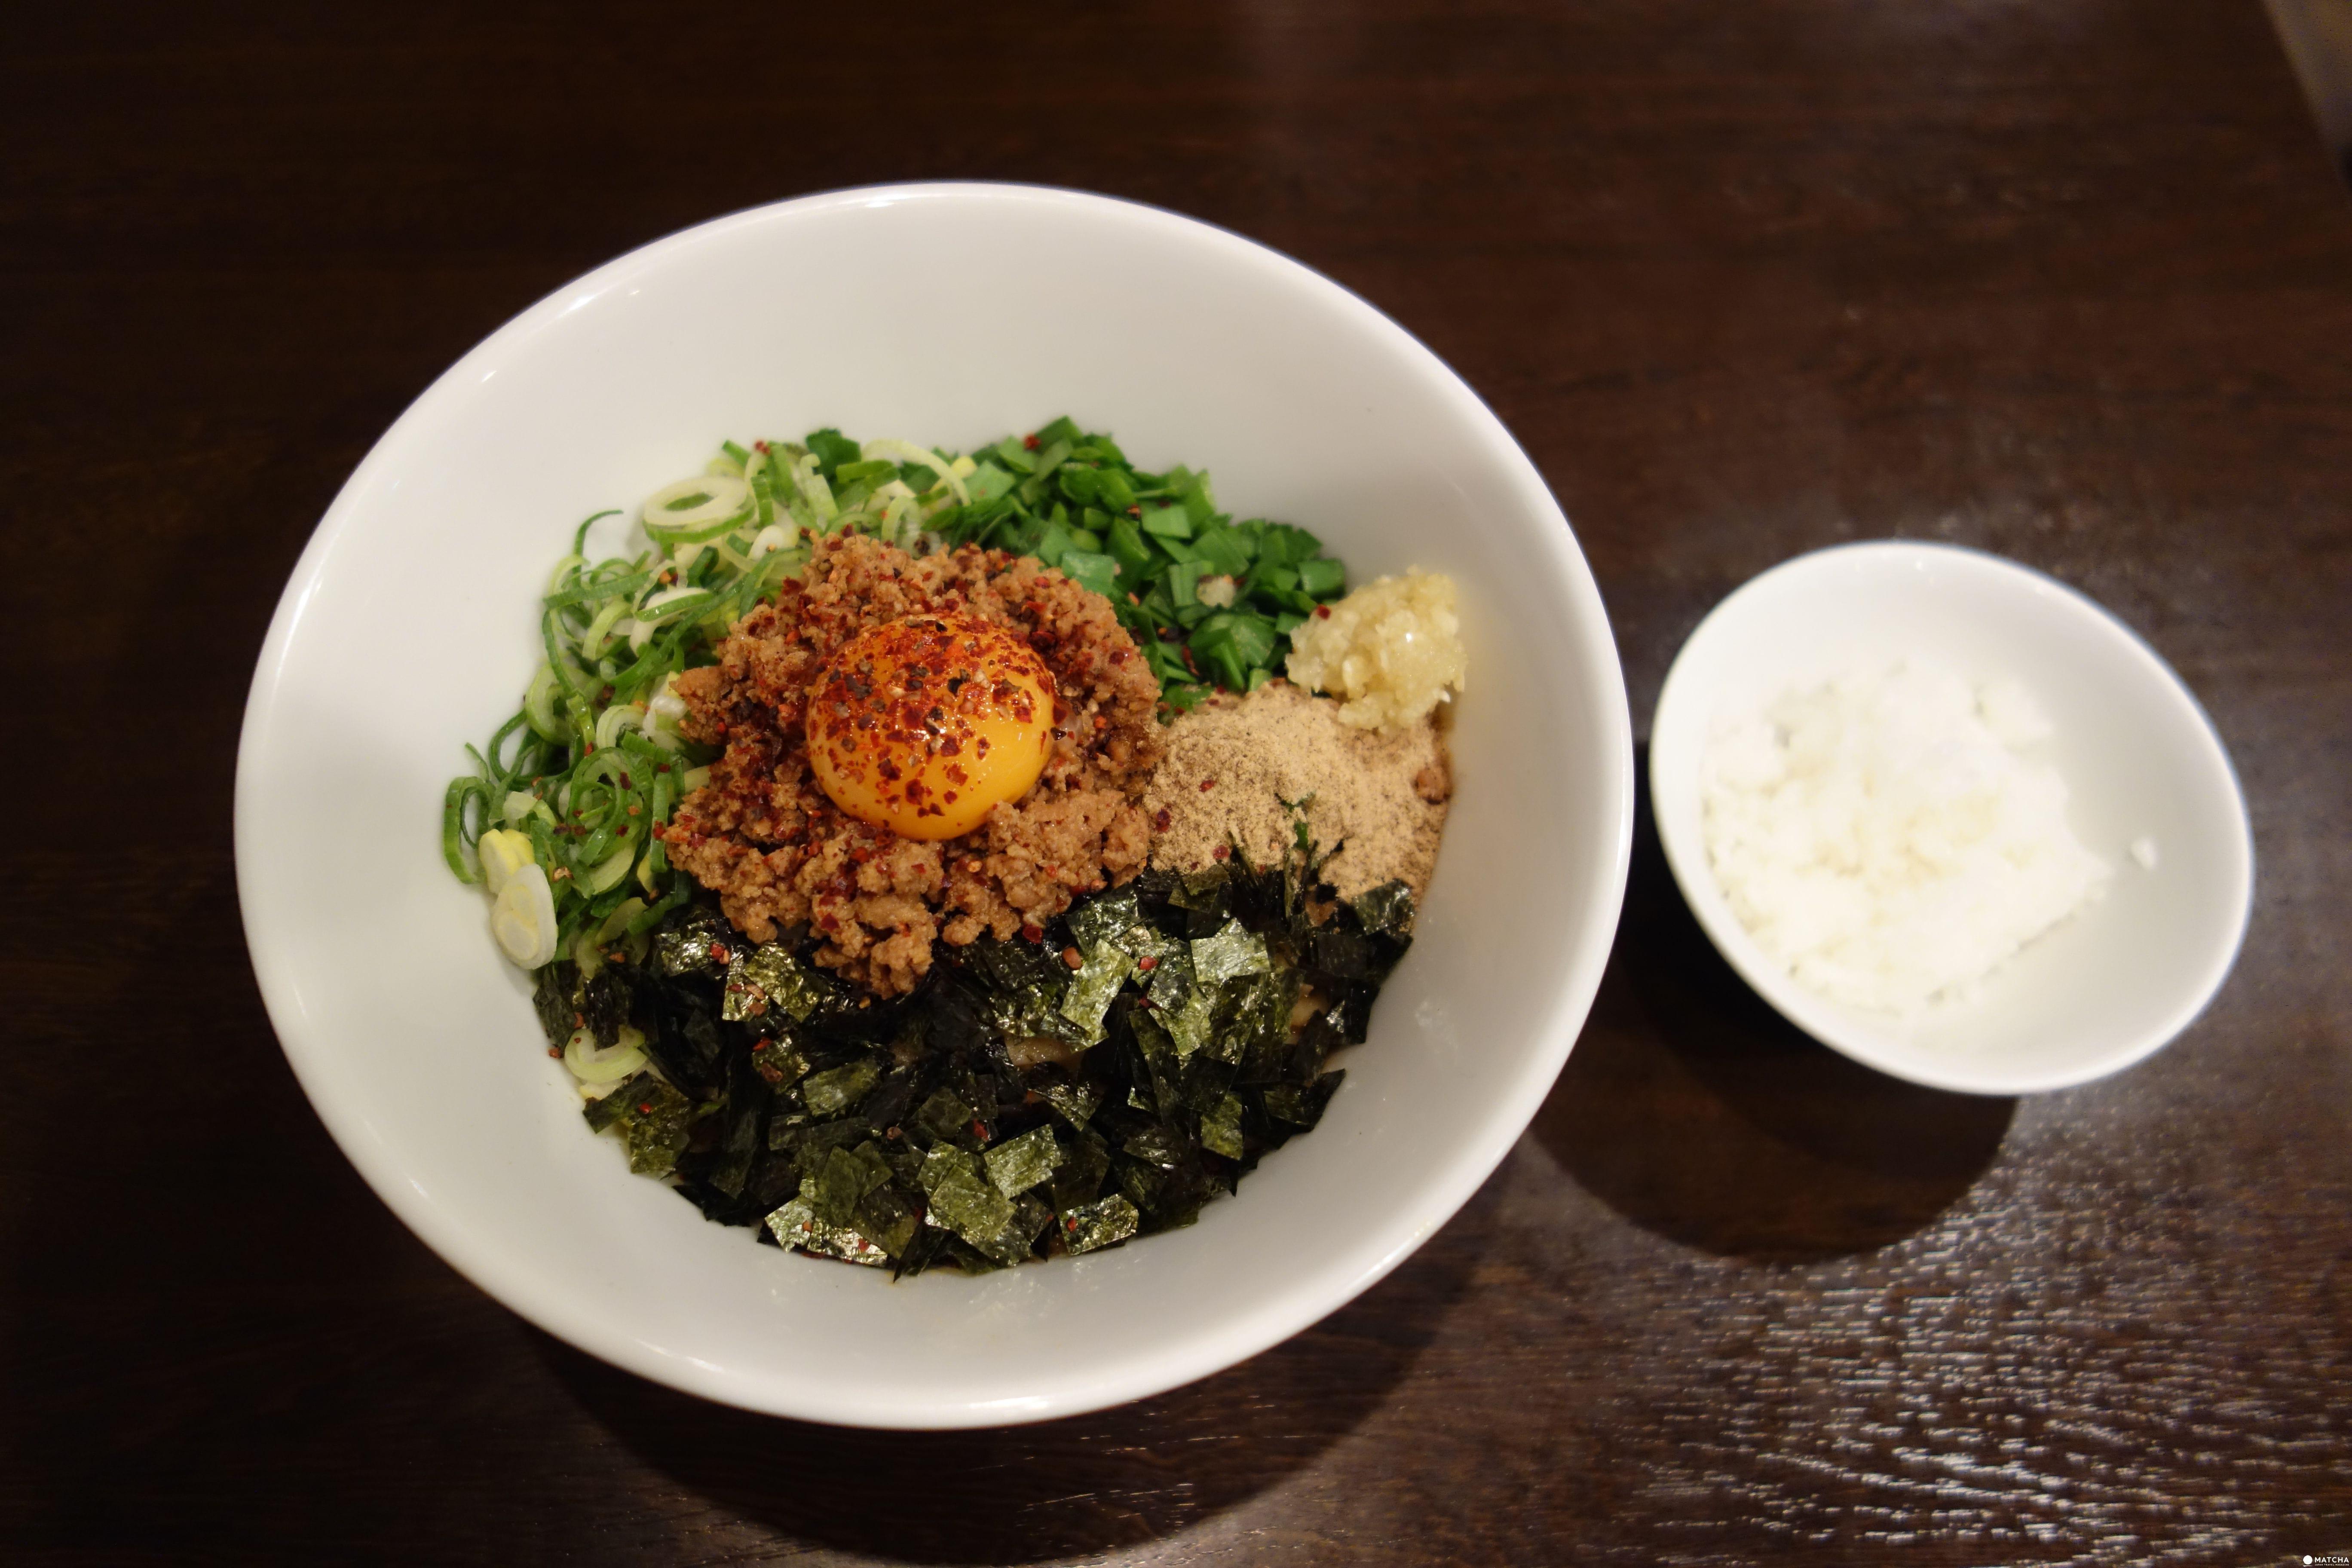 到京都吃碗台灣拌麵與雞白湯麵吧!新生代拉麵盟主--煌雞